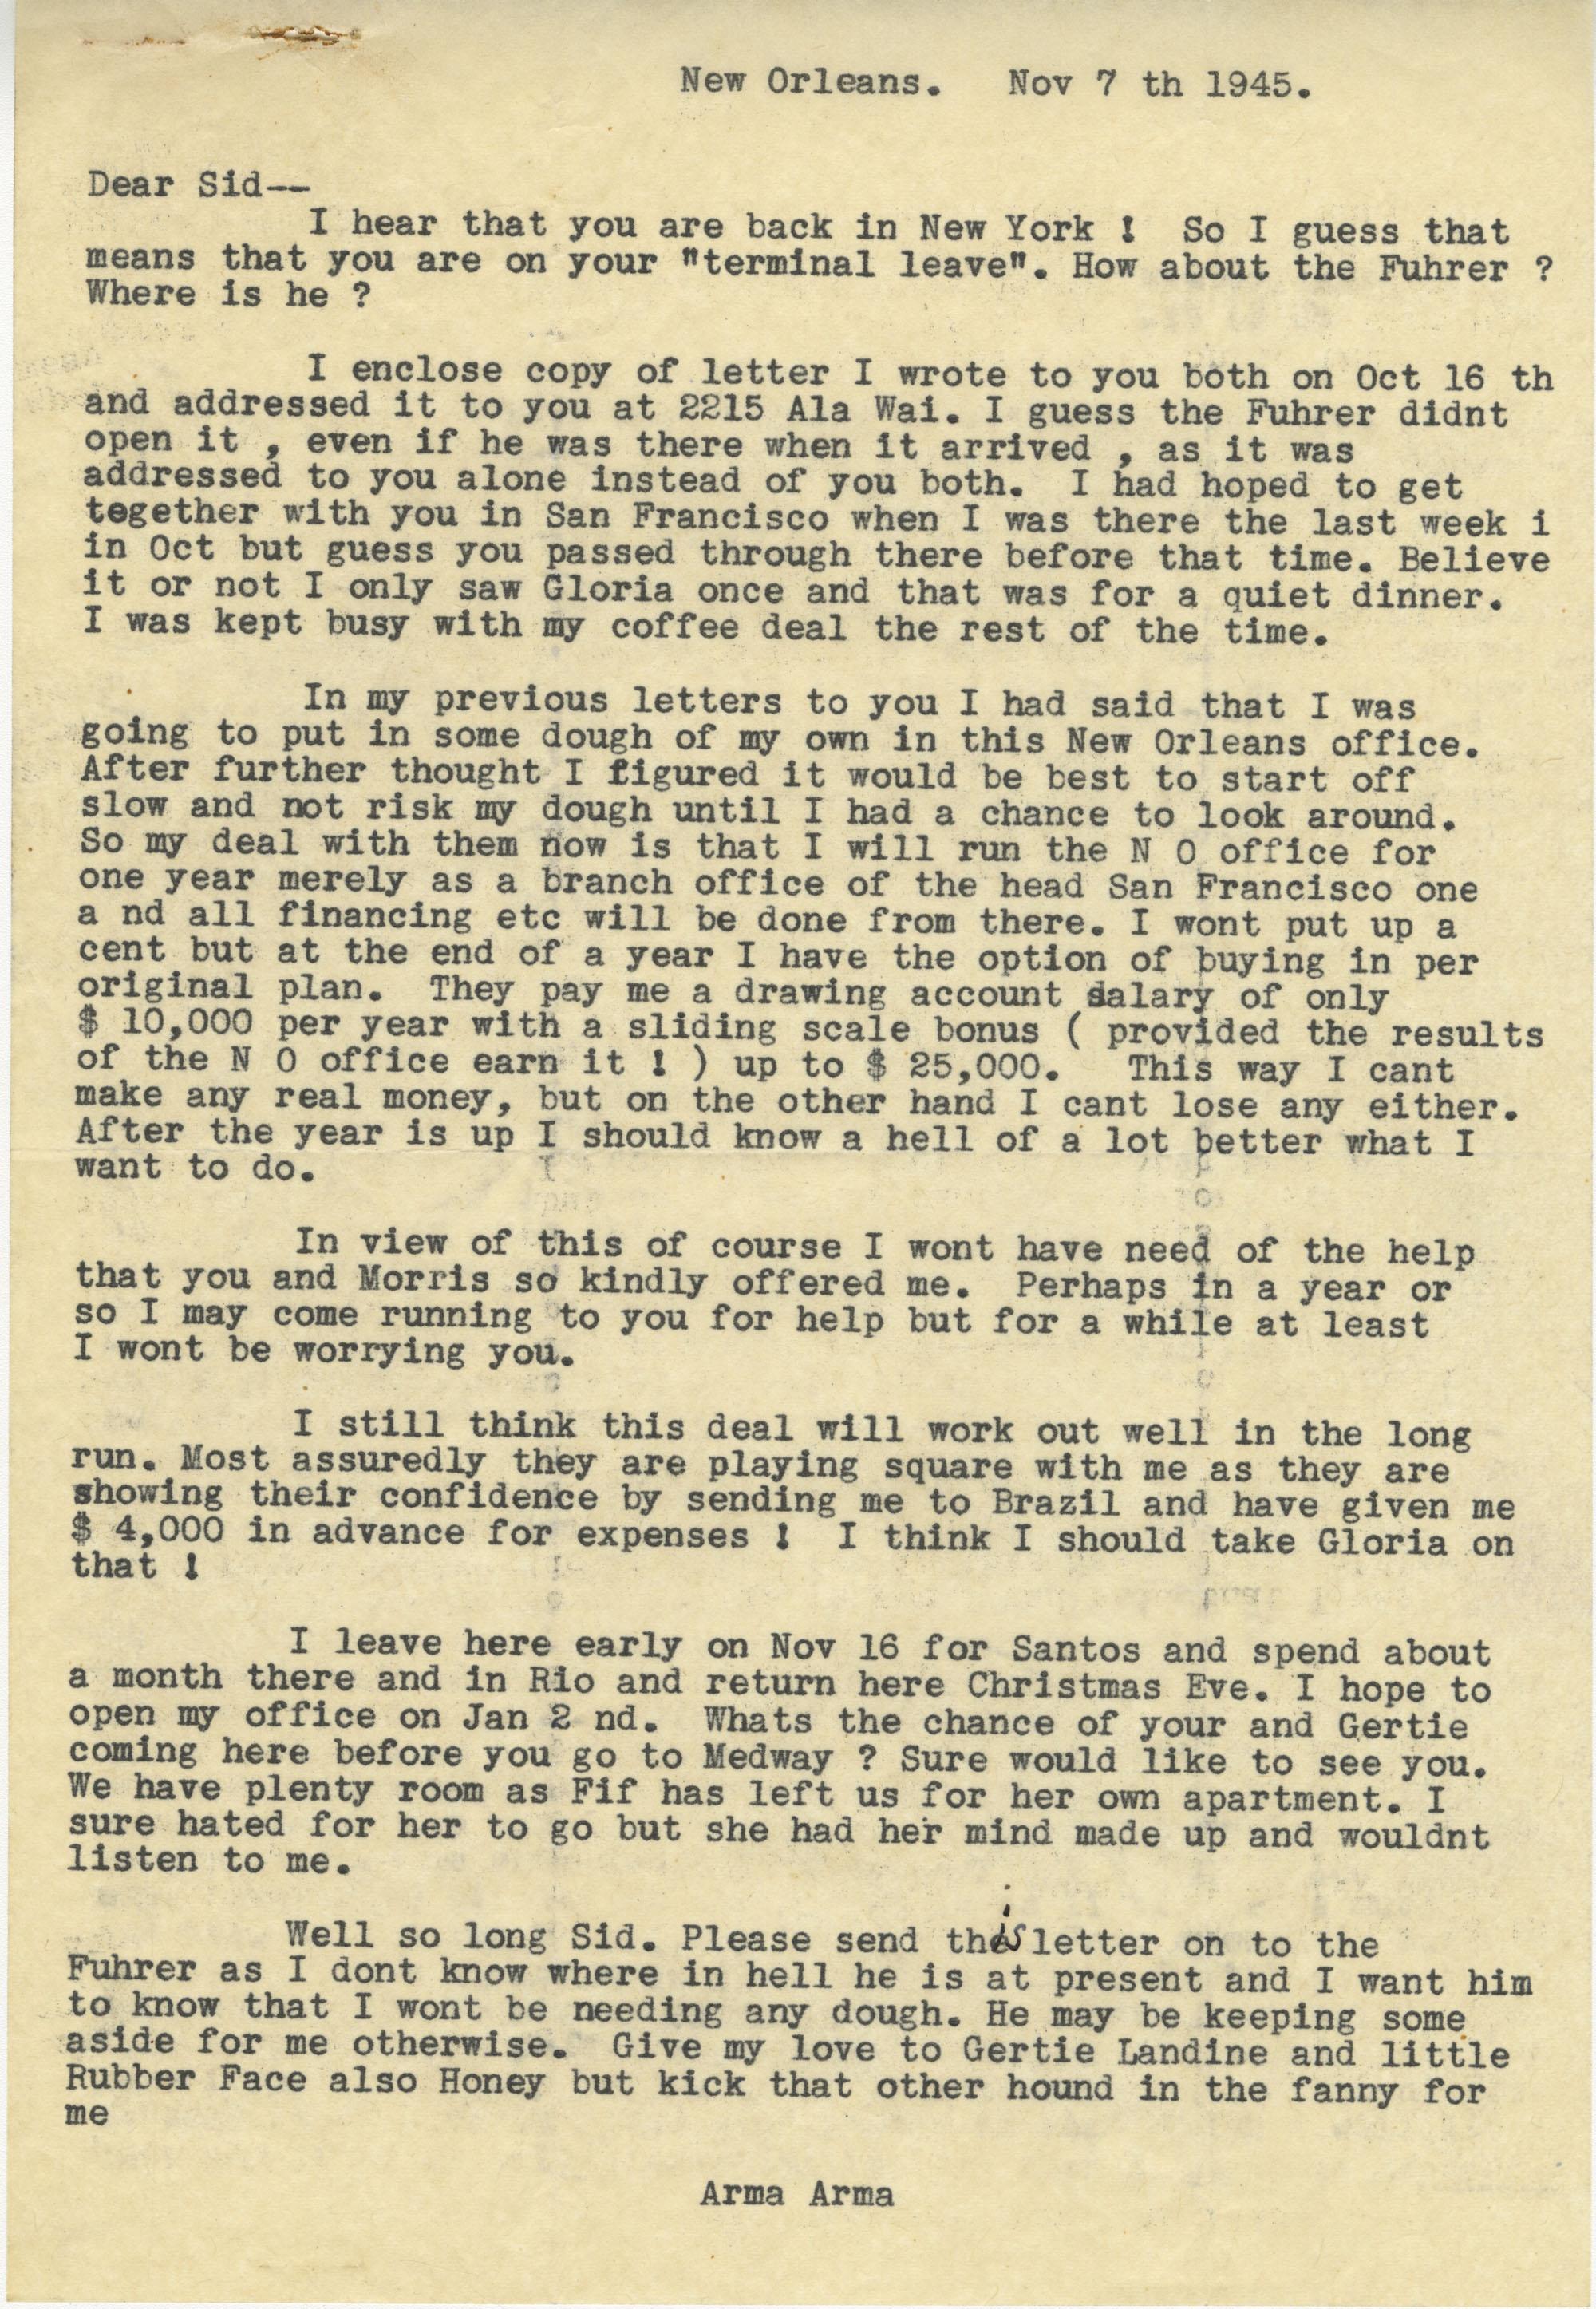 Letter from Armant Legendre, November 7, 1945